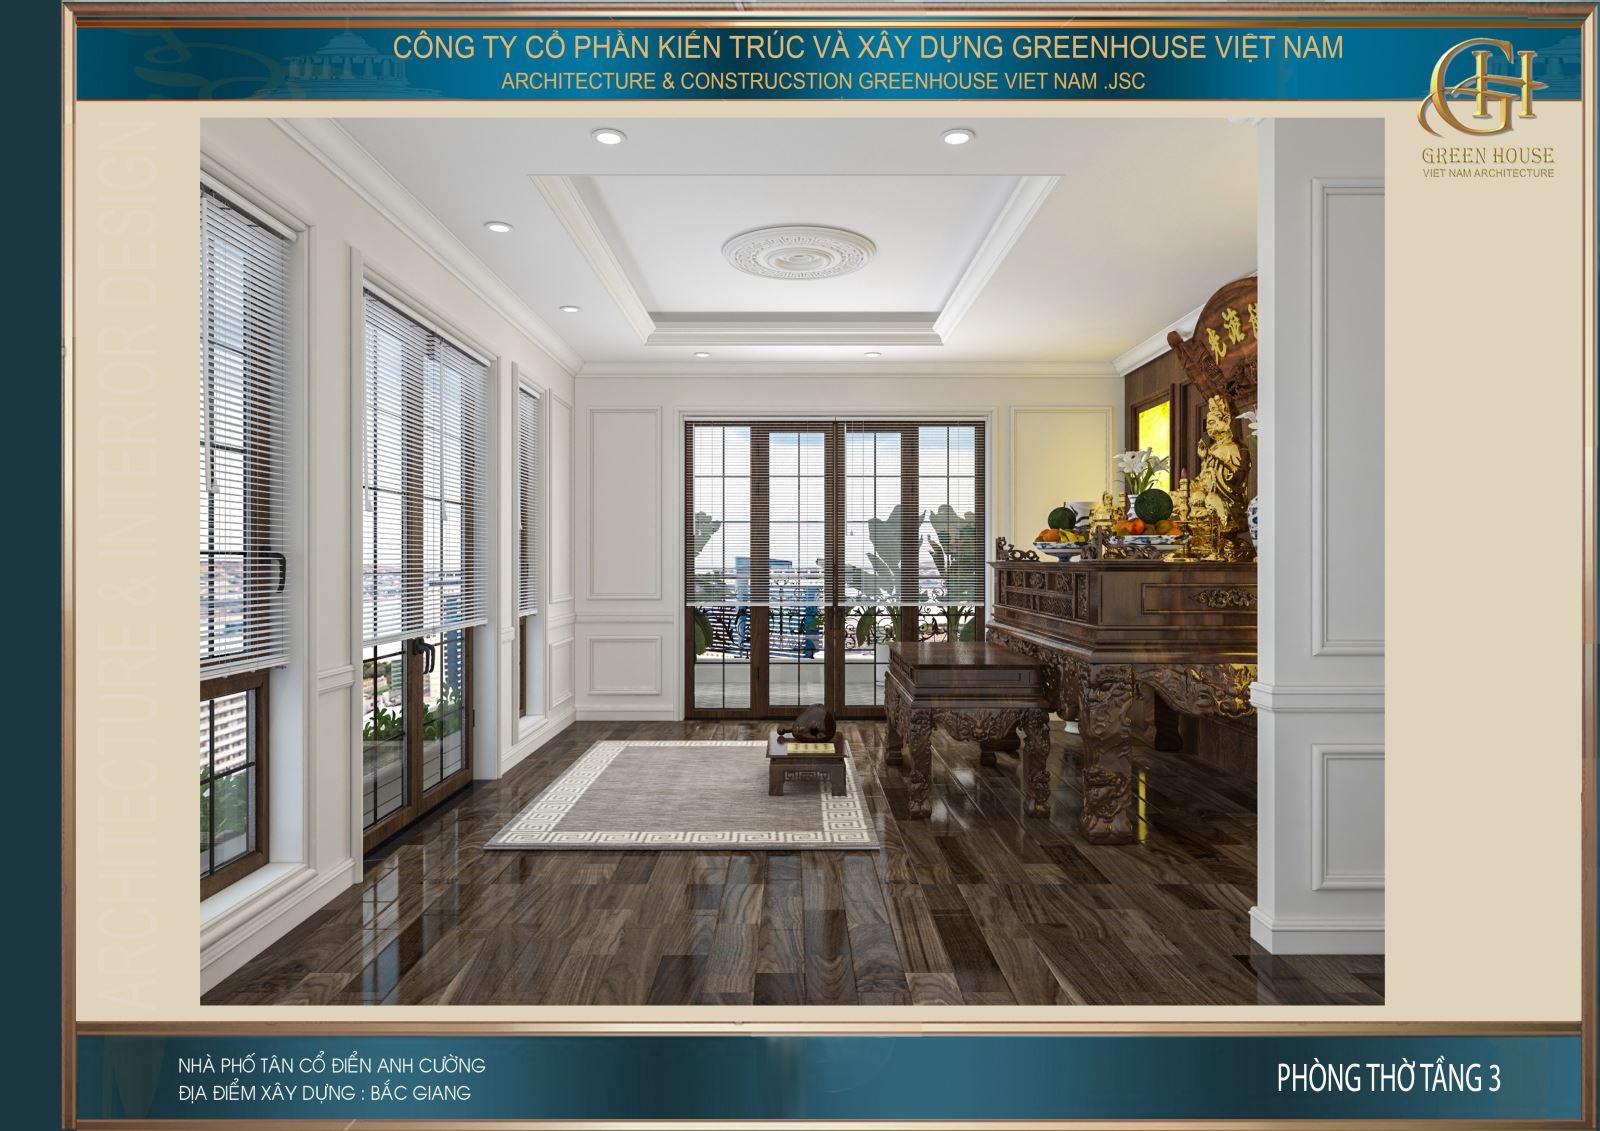 Phòng thờ cũng được các KTS thiết kế hệ thống cửa kính lớn đem đến ánh sáng tự nhiên cho căn phòng